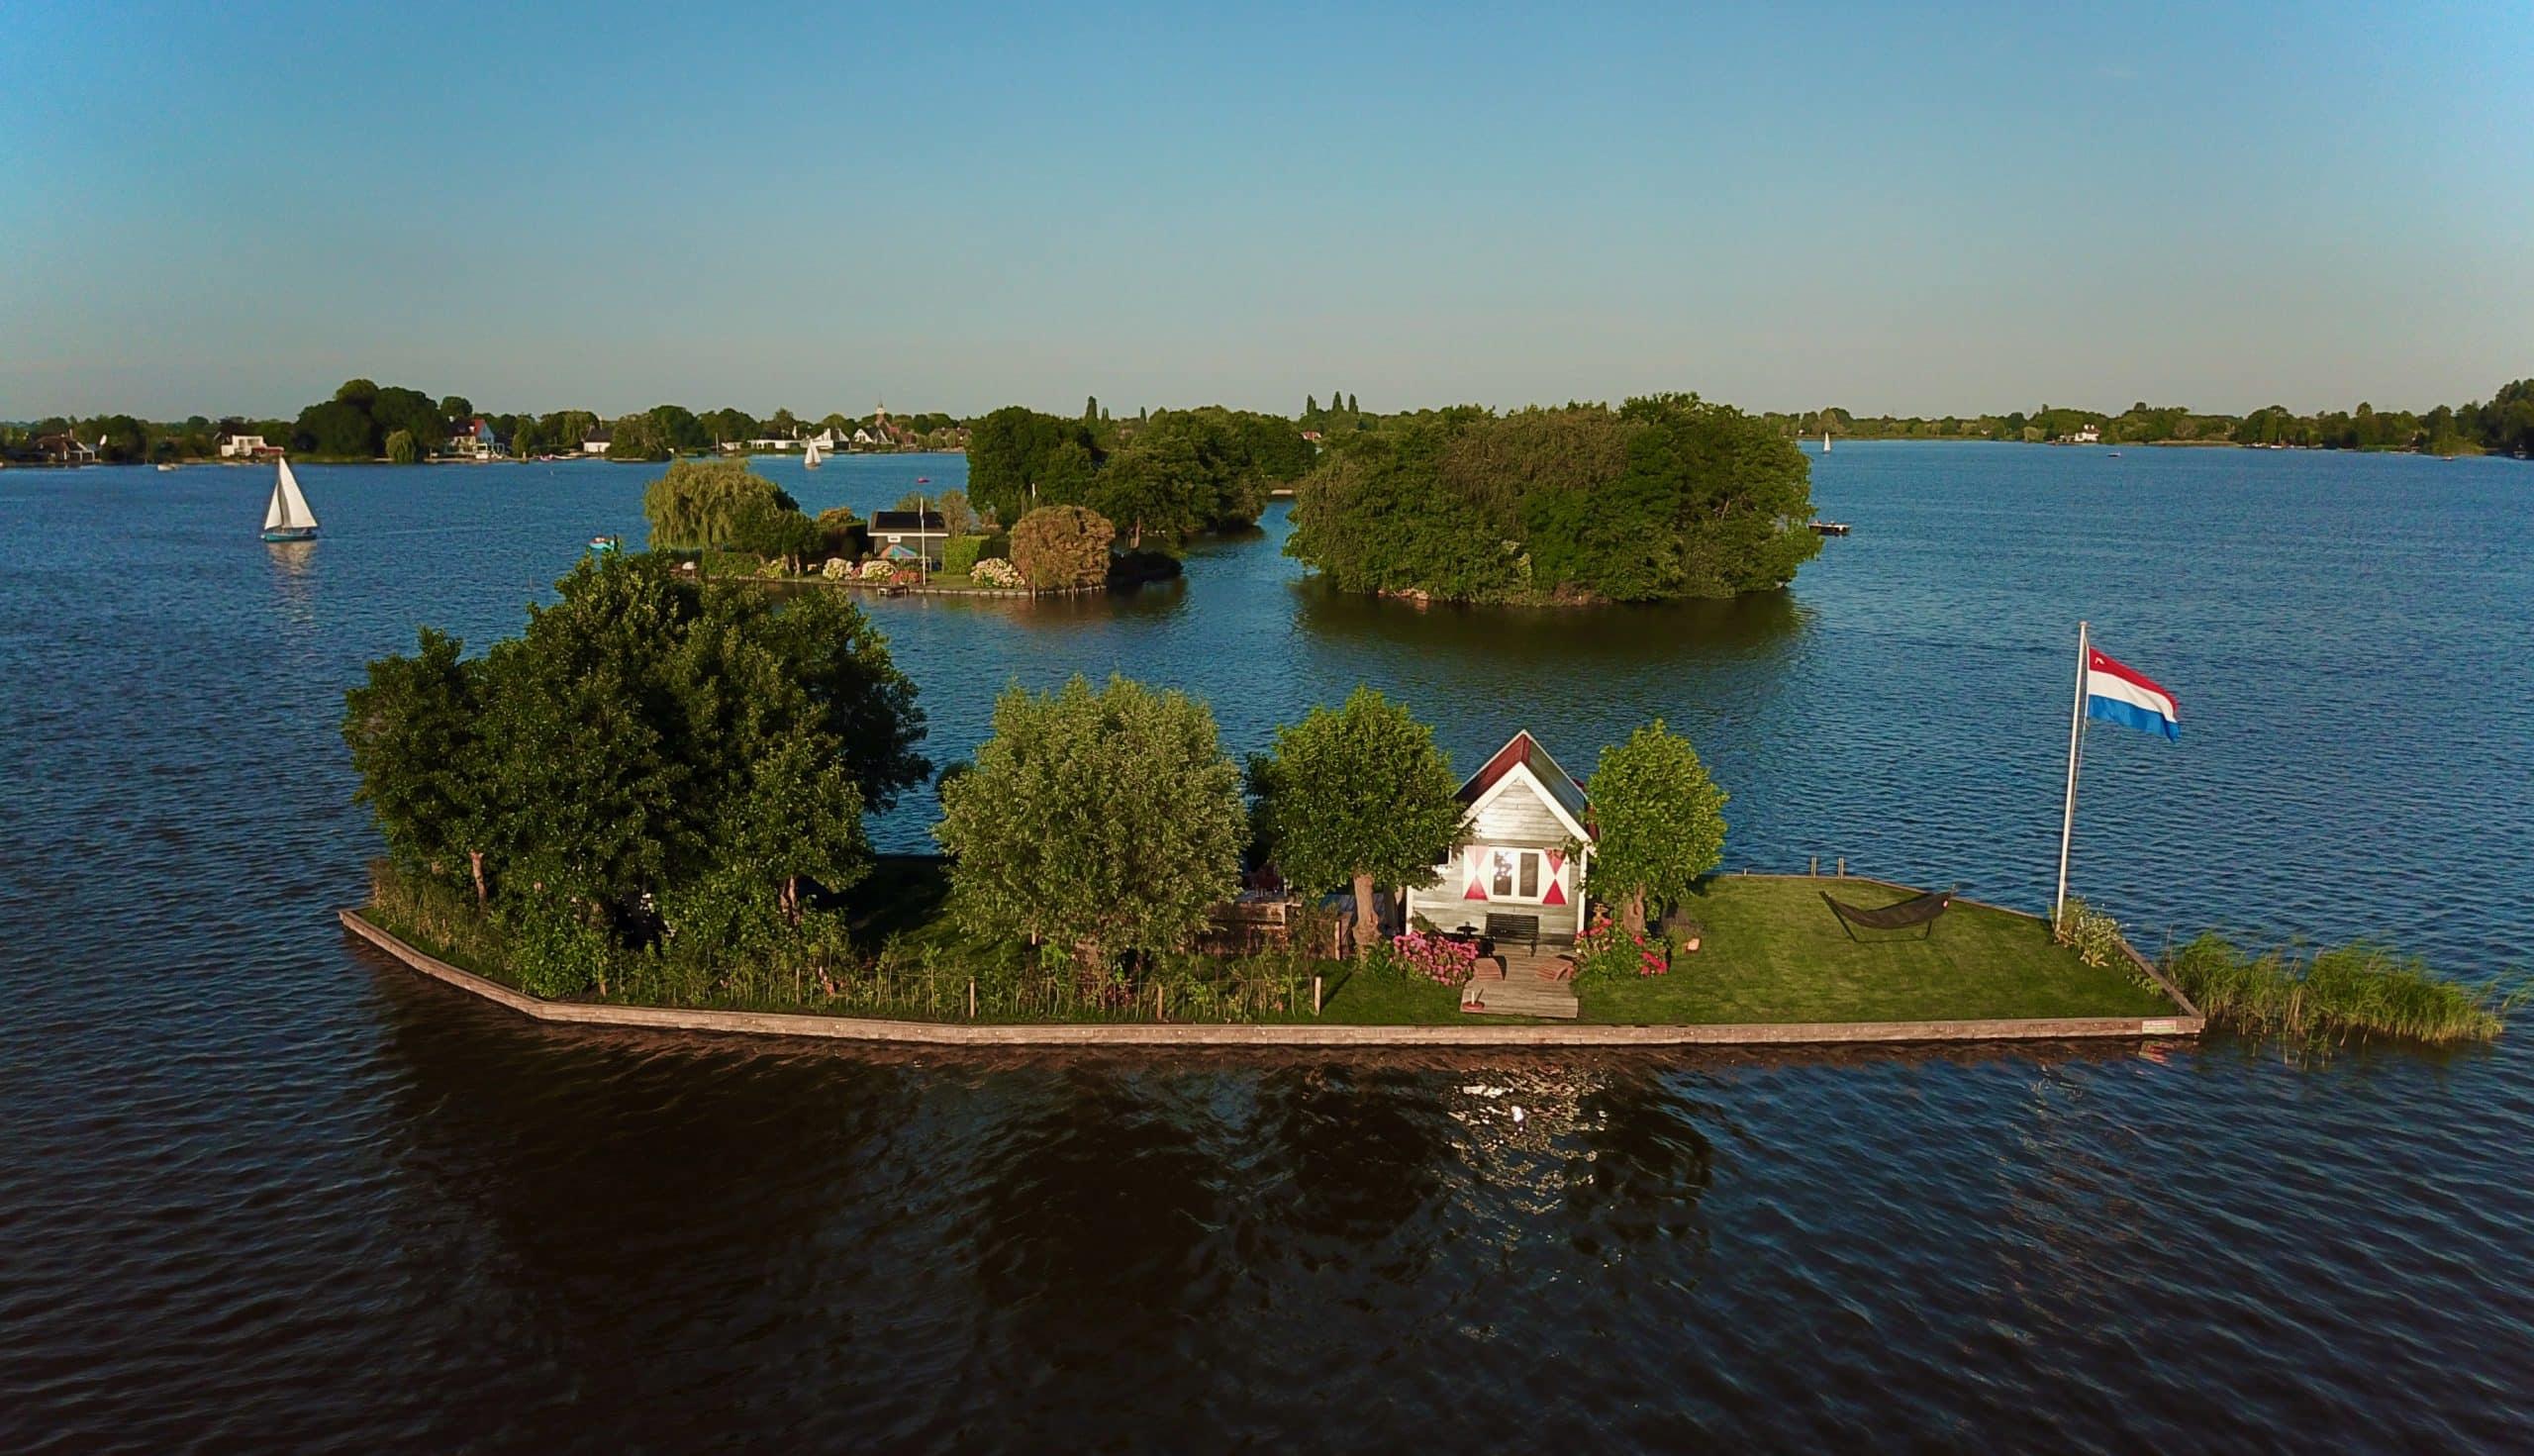 dronebeeld van eiland met huisjes in Reeuwijkse plassen